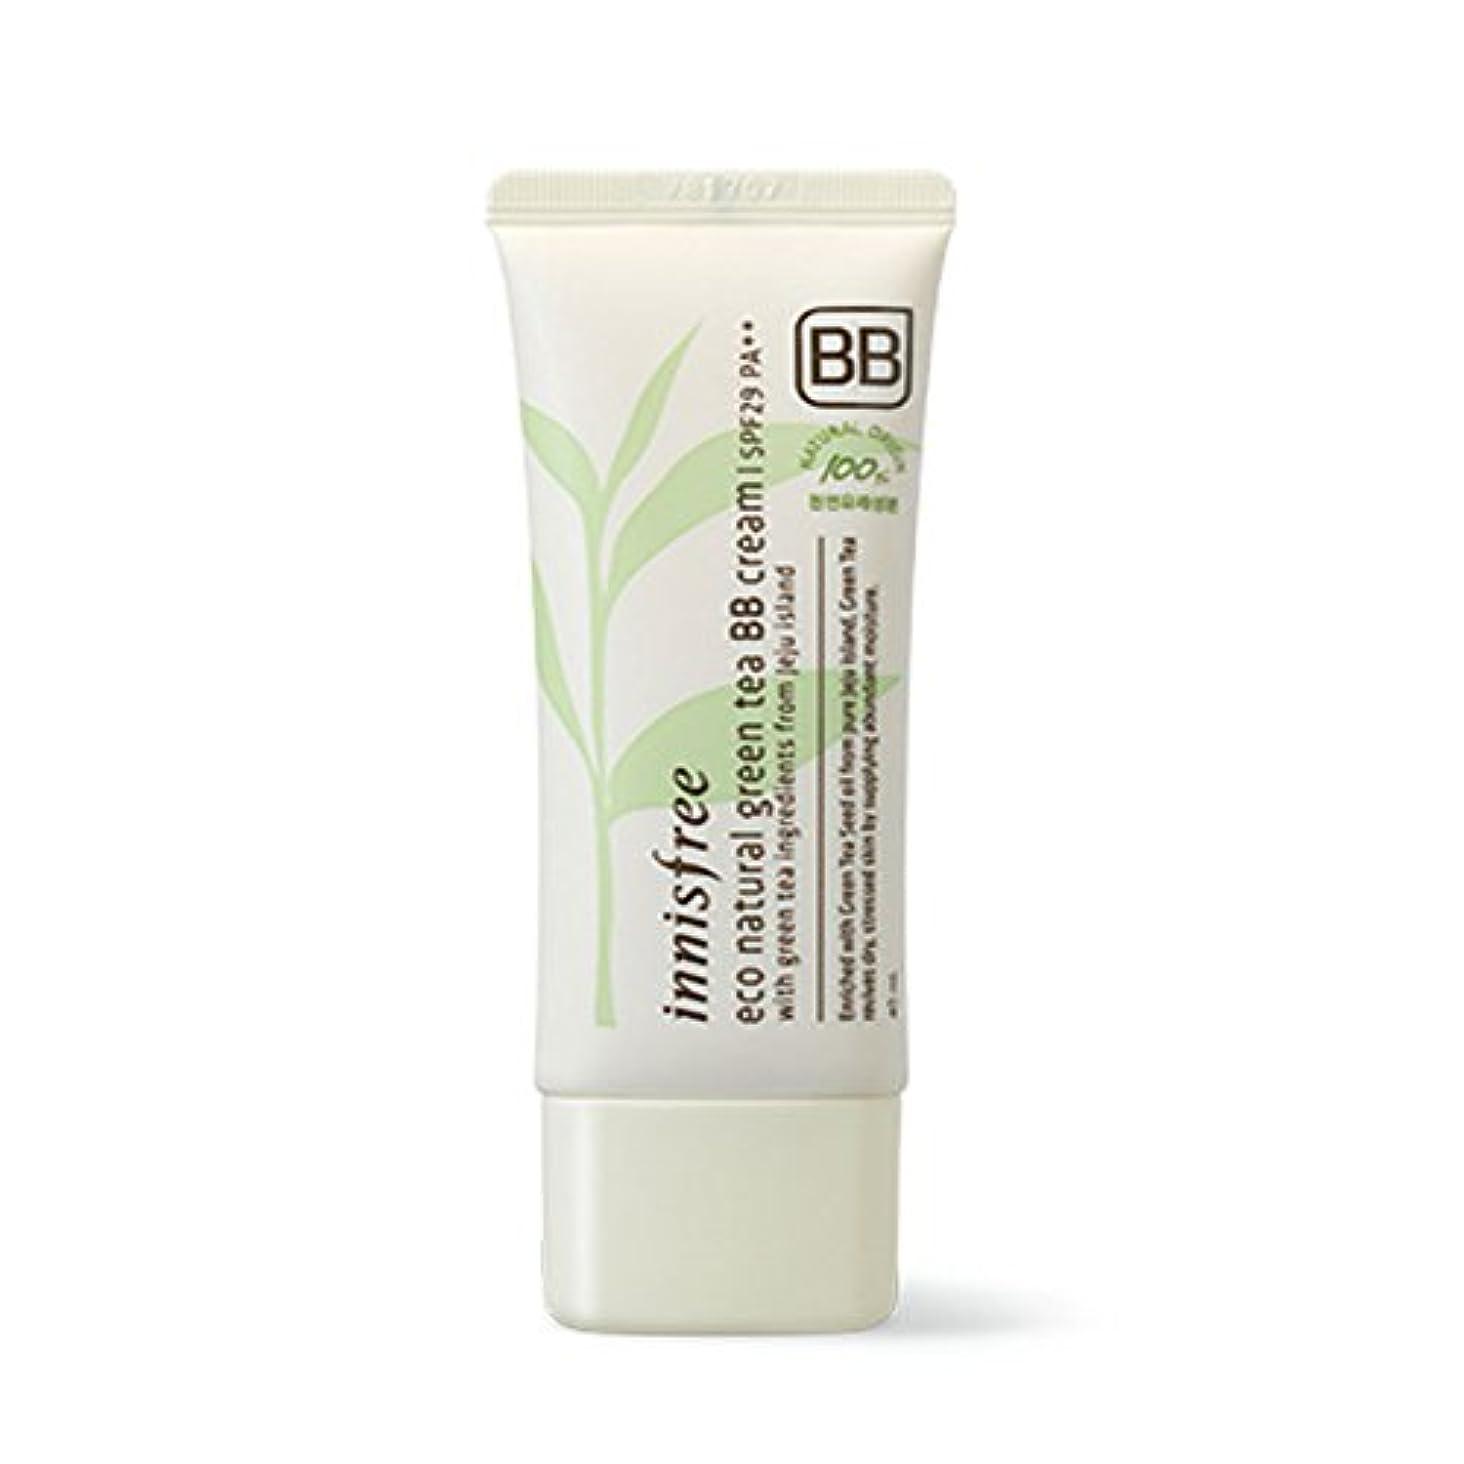 管理ファンネルウェブスパイダー虎イニスフリーエコナチュラルグリーンティーBBクリームSPF29 PA ++ Innisfree Eco Natural Green Tea BB Cream SPF29 PA++[海外直送品][並行輸入品] (#2. Natural...